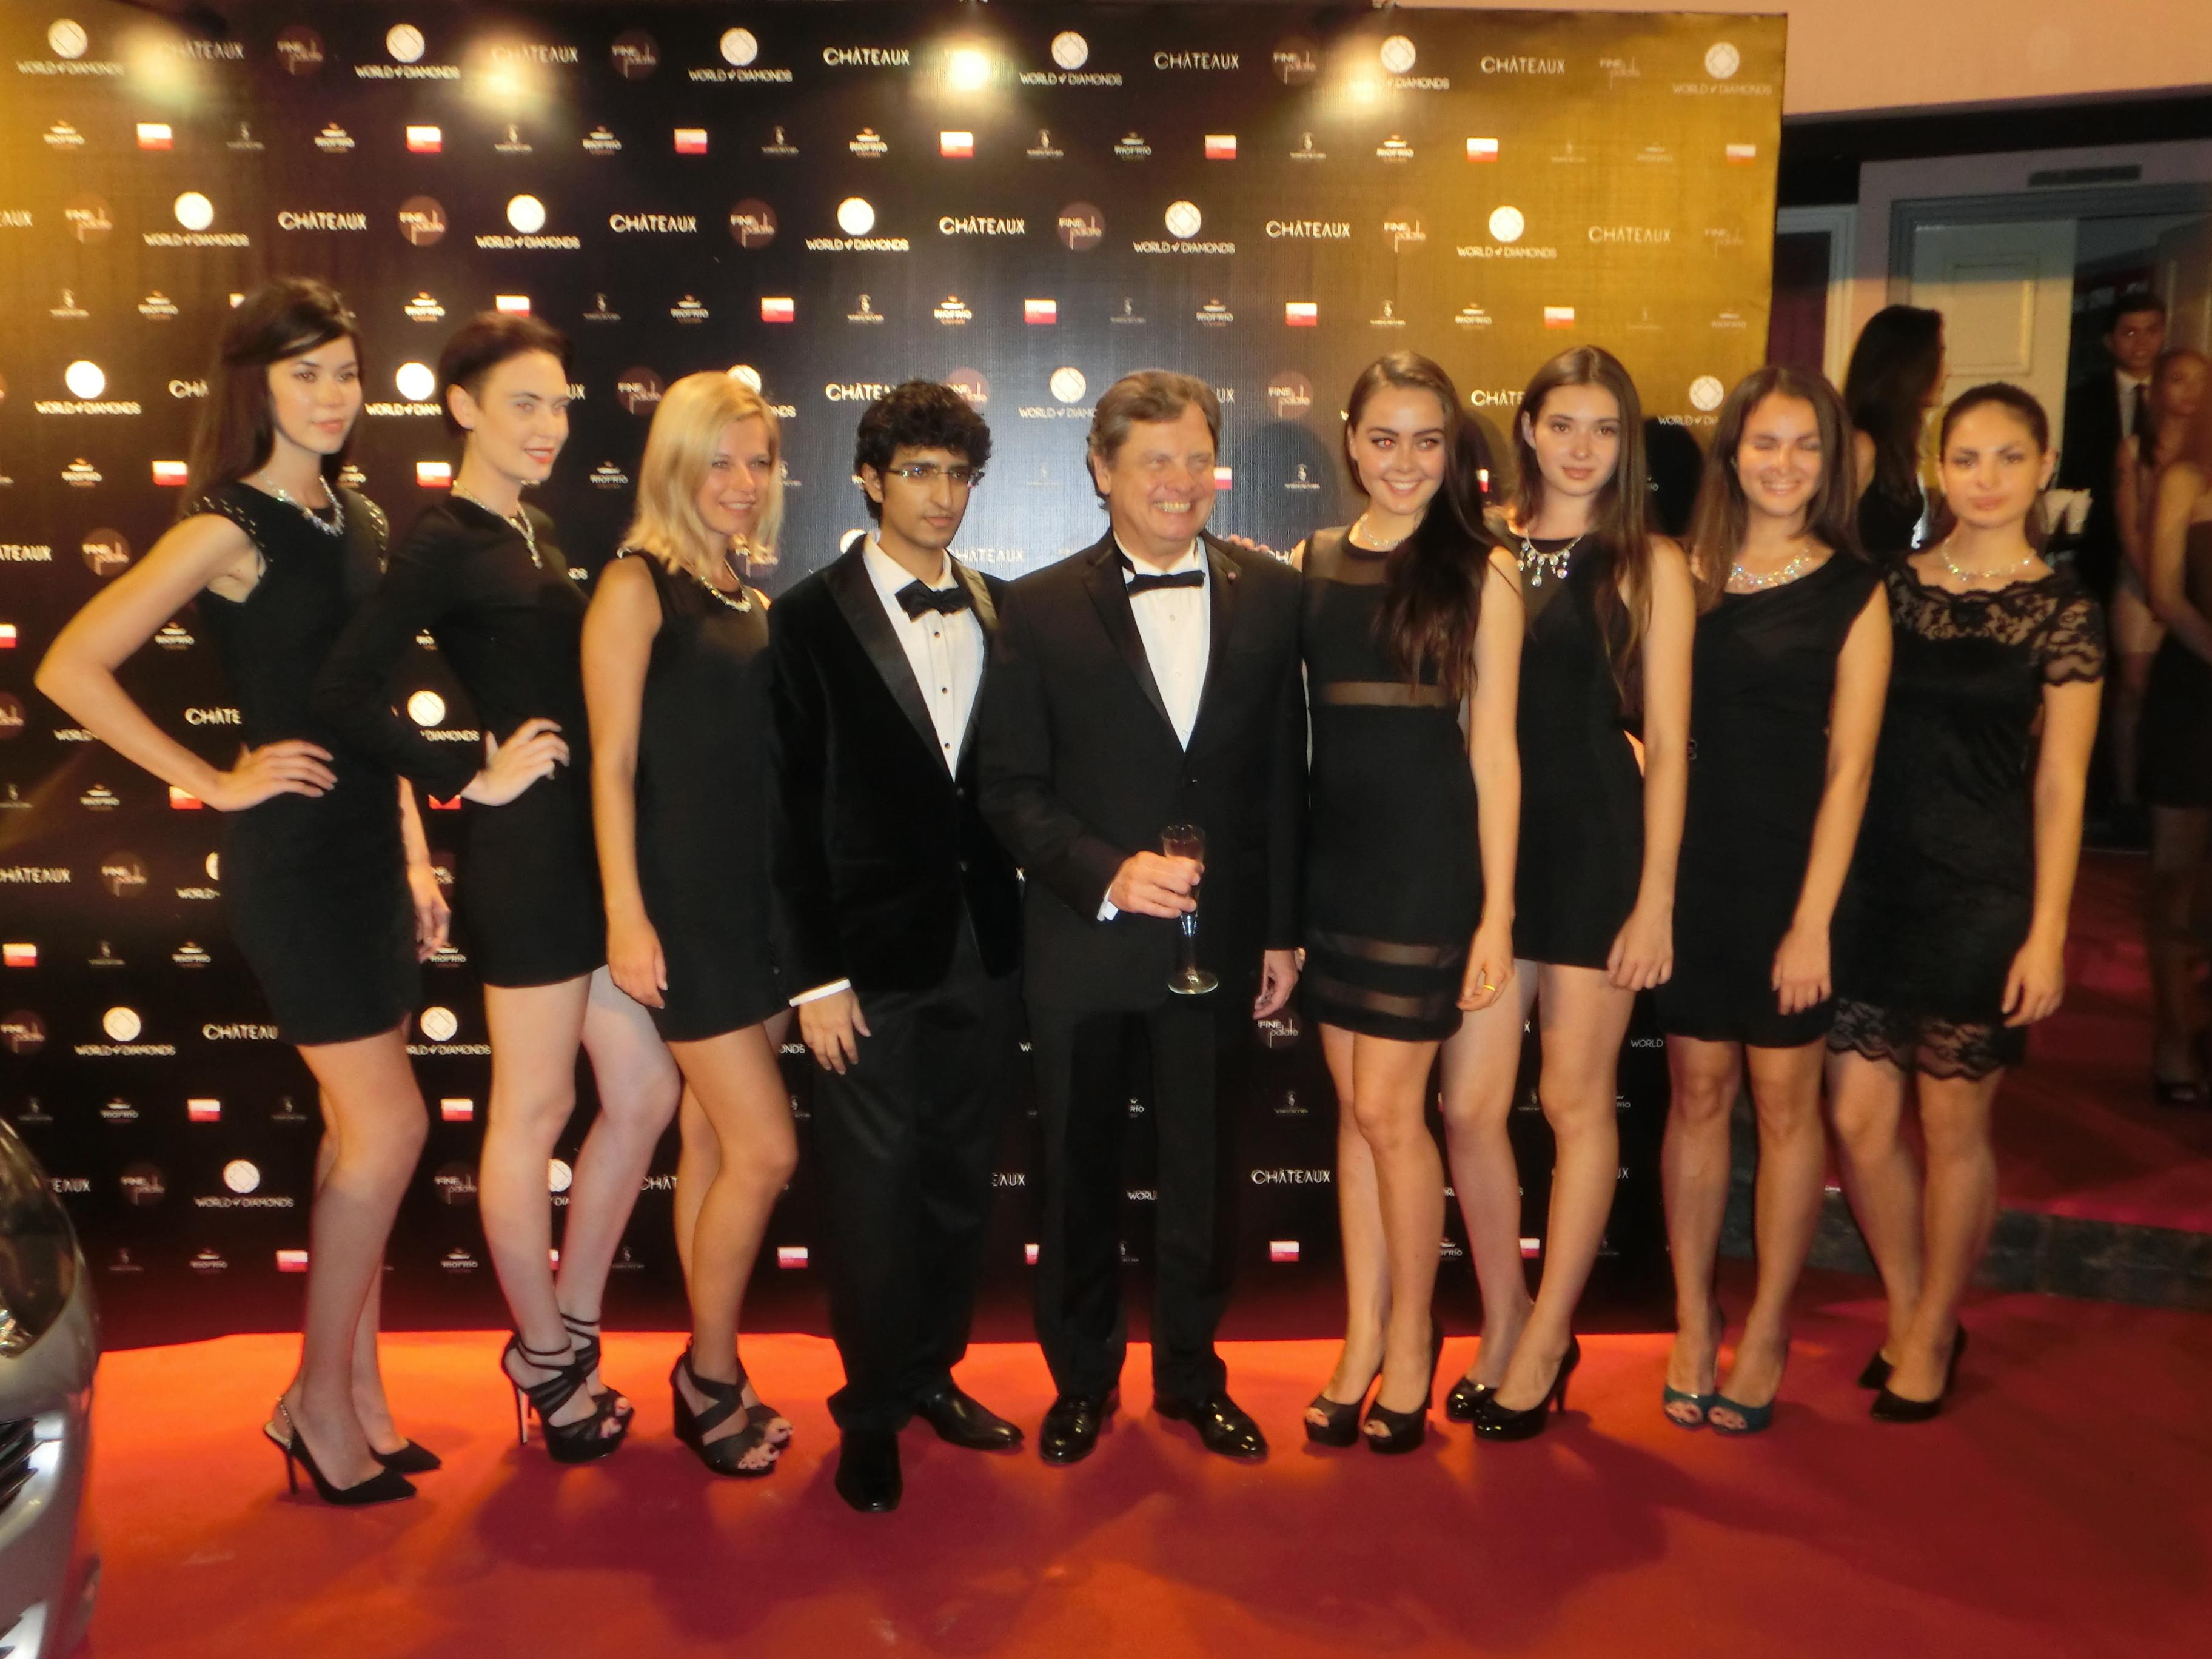 Groß James Bond Party Dress Zeitgenössisch - Brautkleider Ideen ...